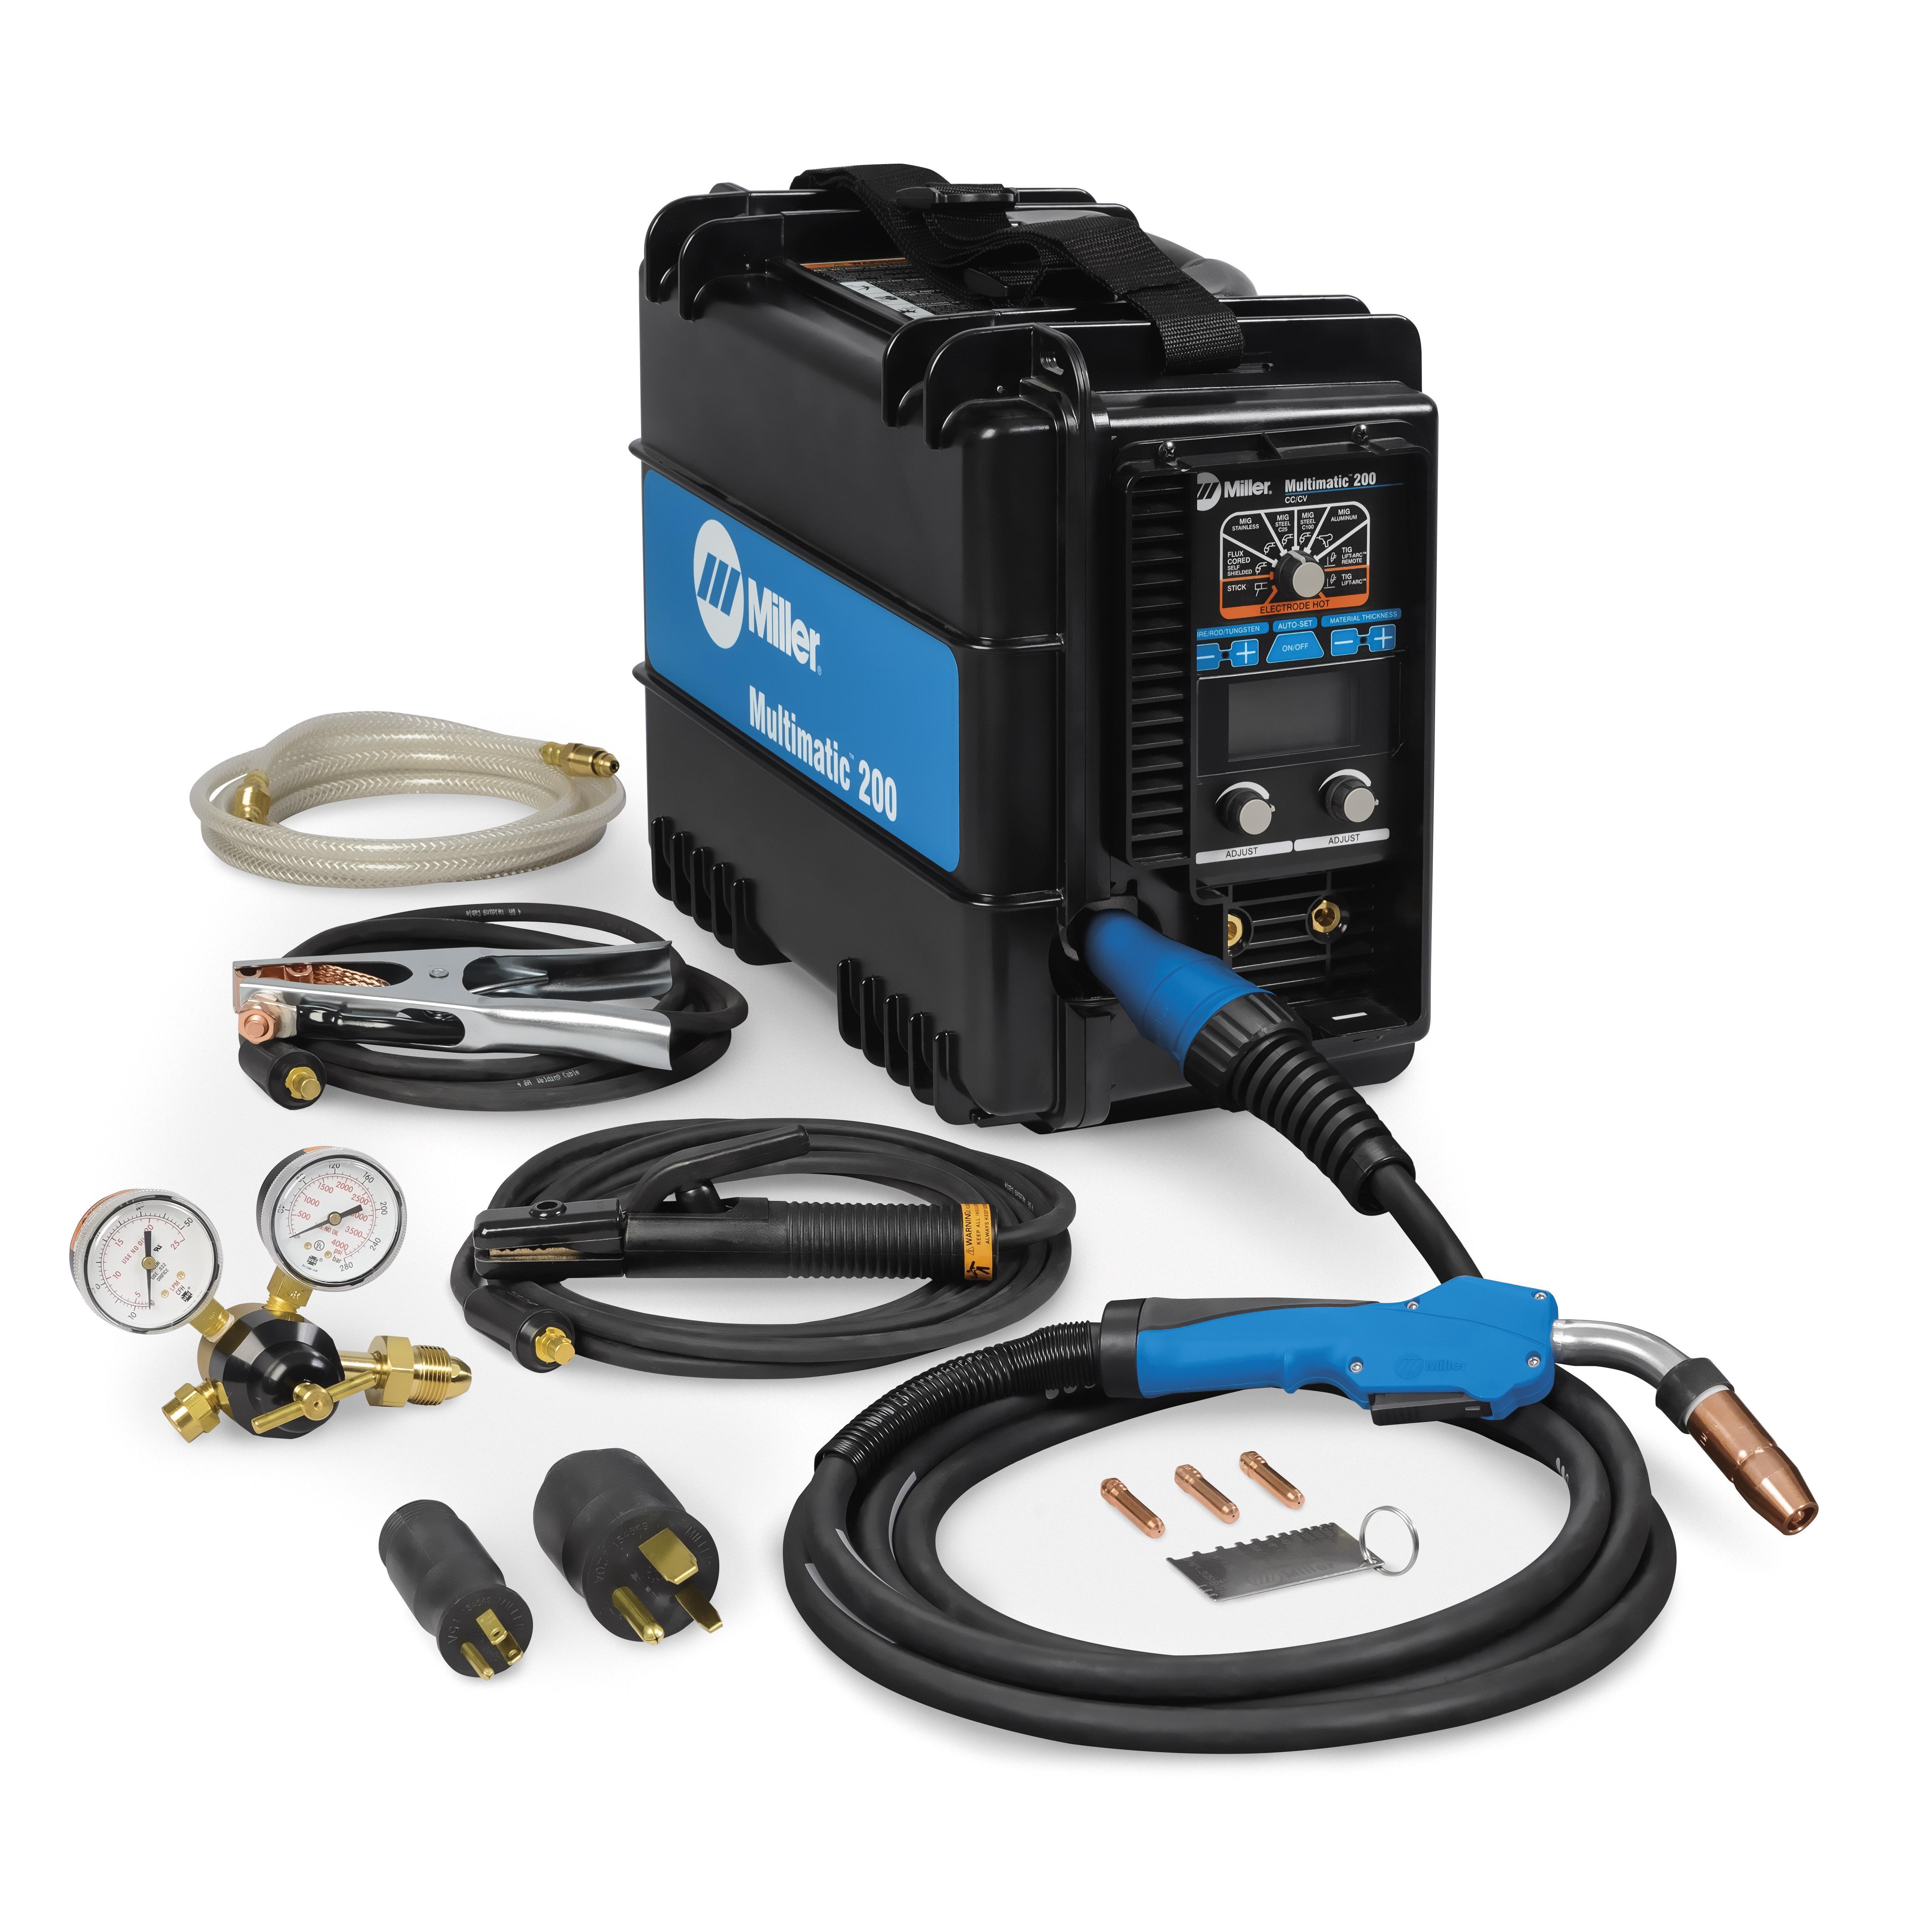 hight resolution of miller 220 plug wiring diagram data schema miller 220 plug wiring